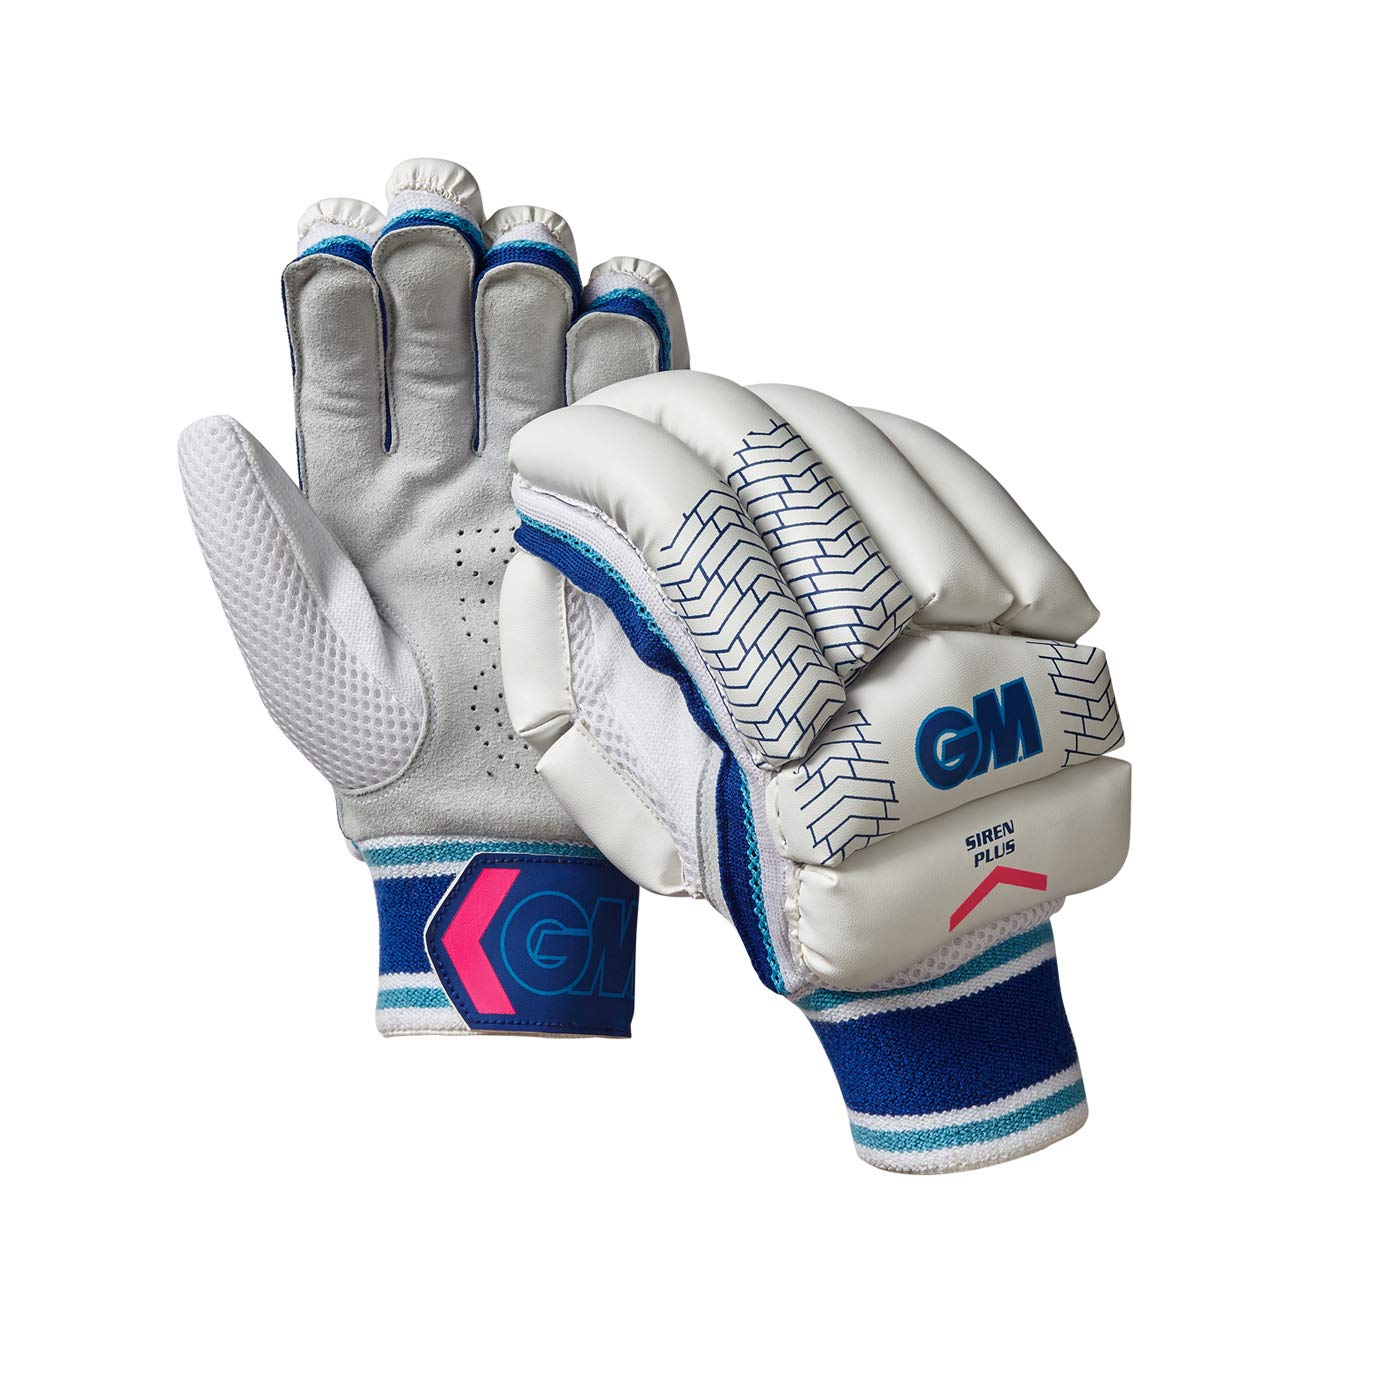 Gunn /& Moore Siren Plus Batting Gloves